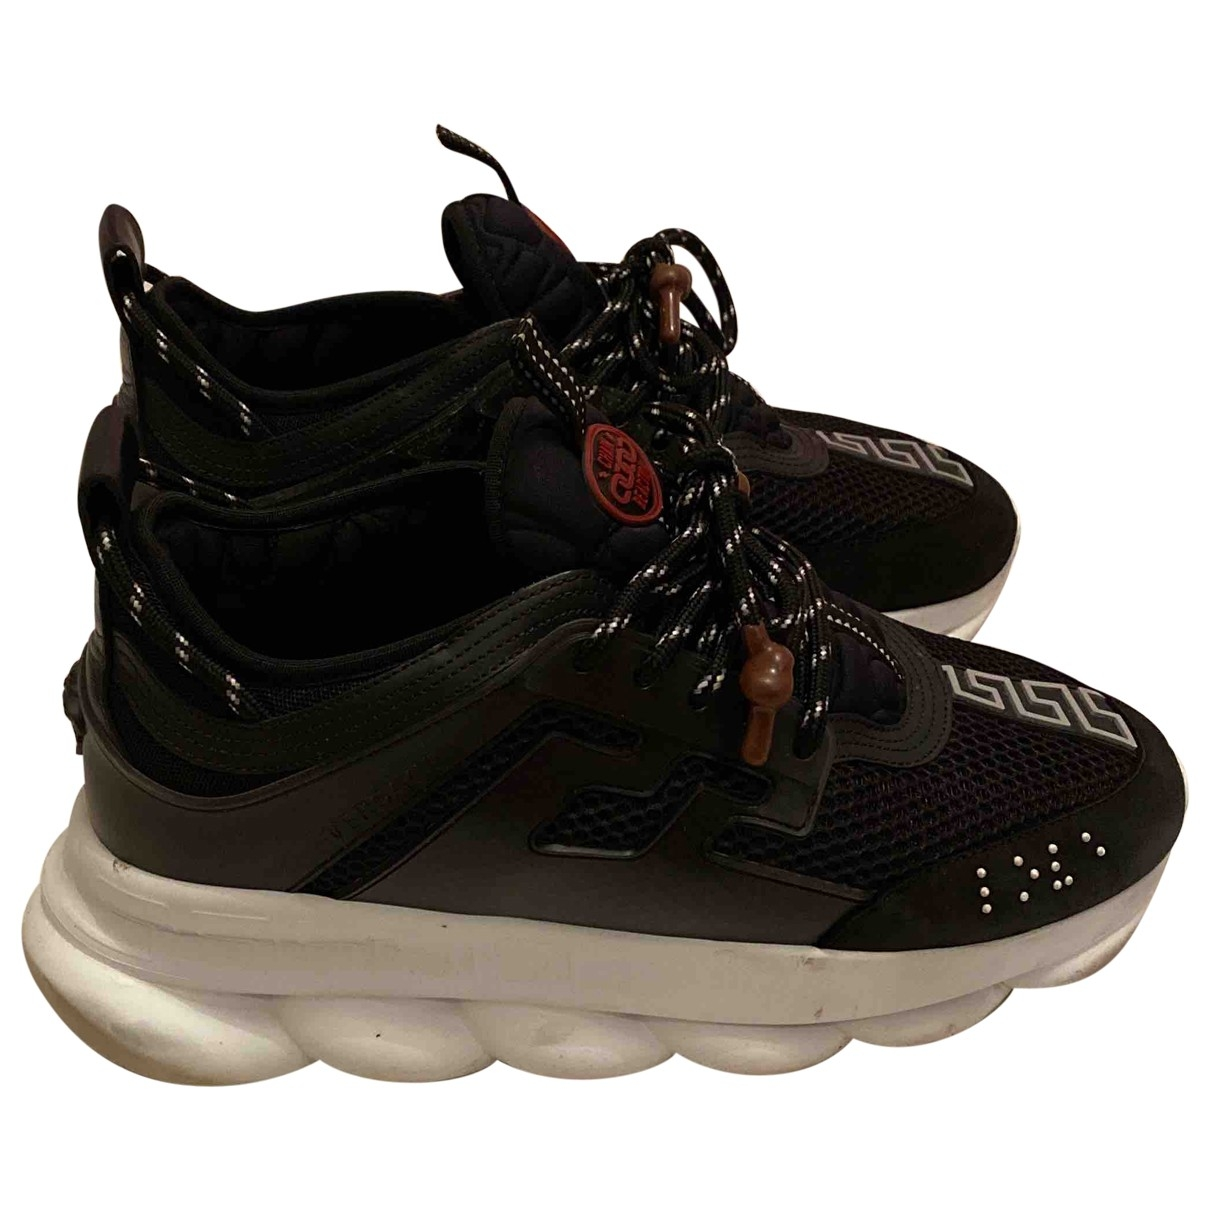 Versace - Baskets Chain Reaction pour homme en toile - noir